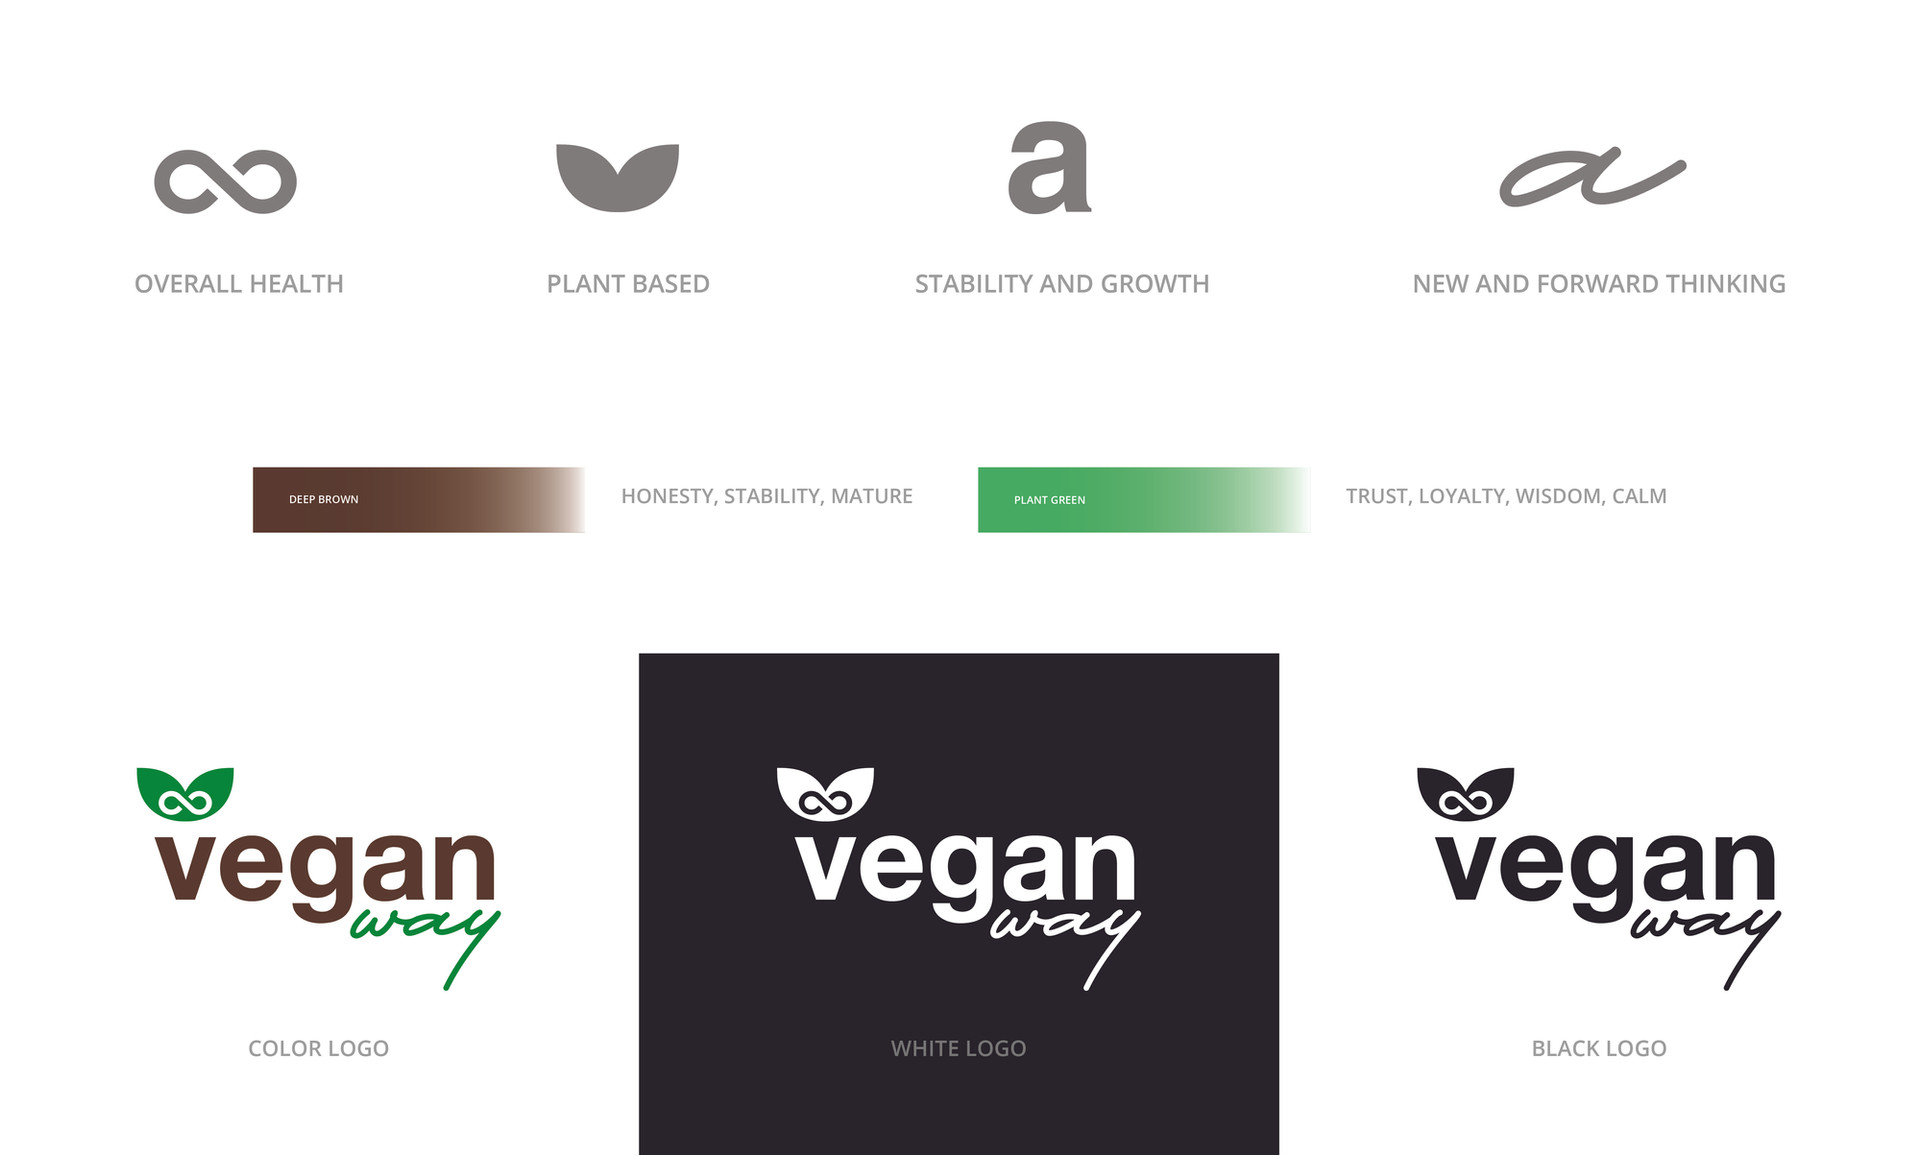 VeganStory-01.jpg